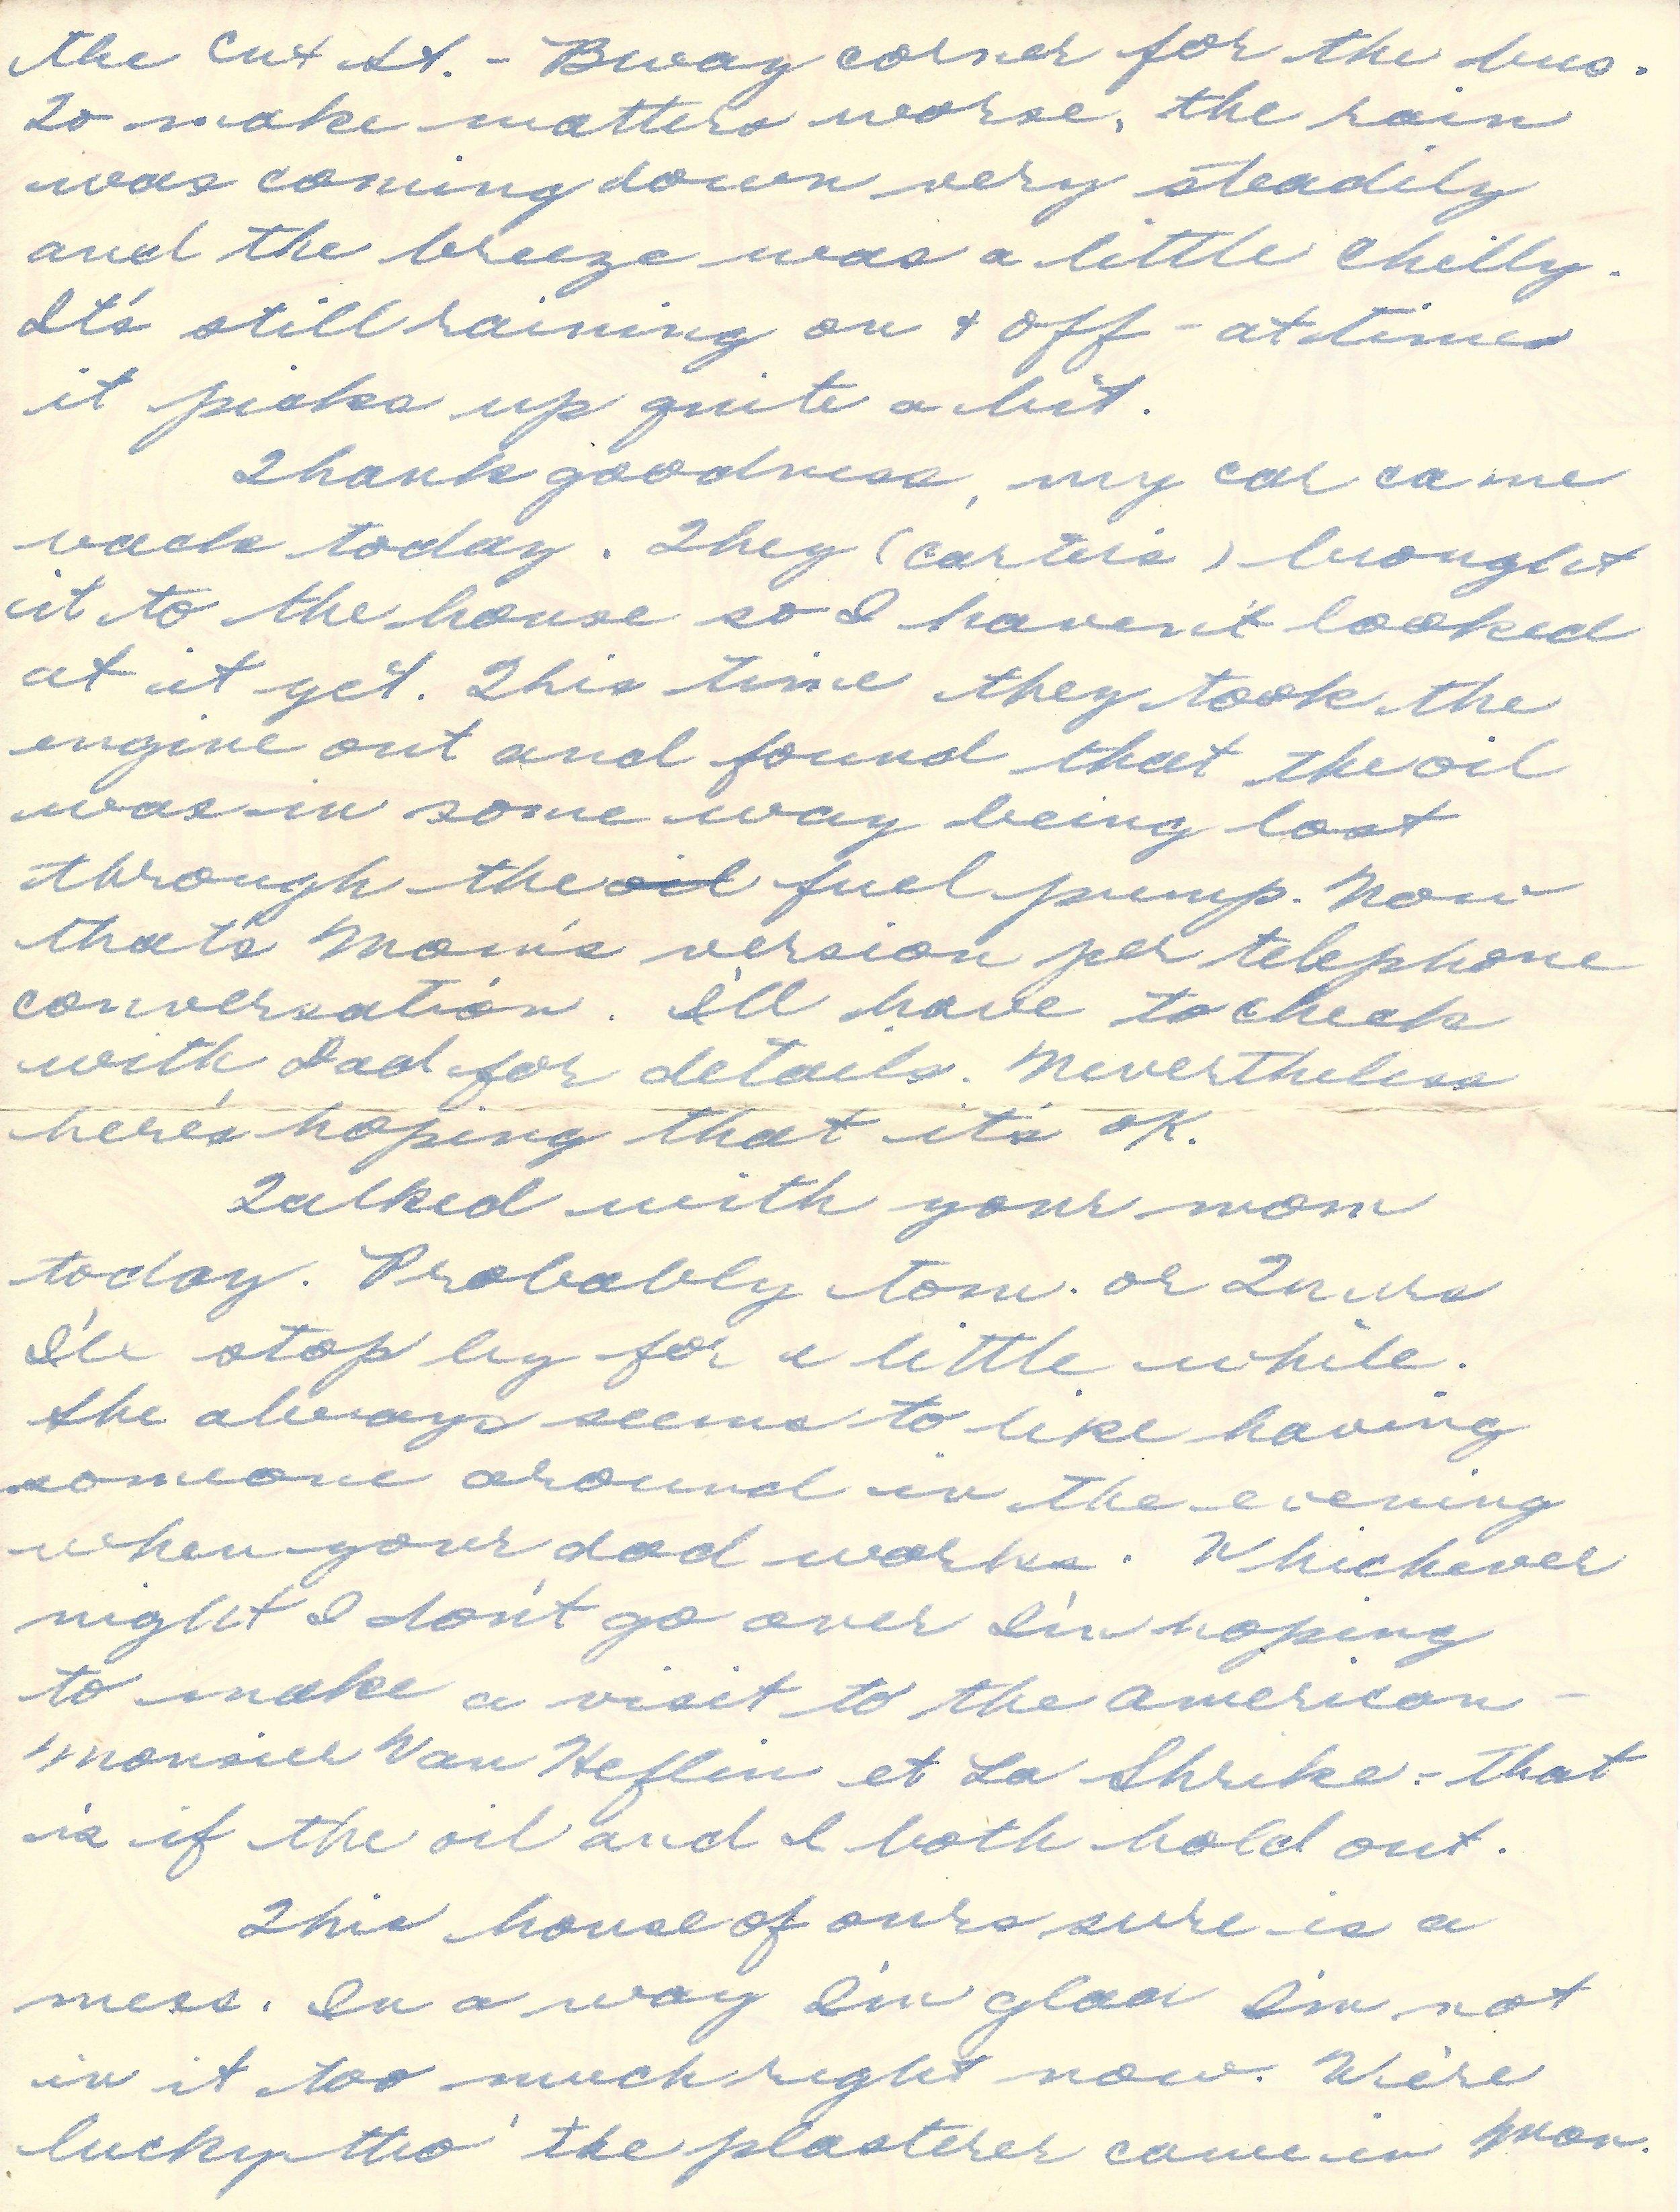 8. Feb. 10, 1953 (Oma)_Page_3.jpg